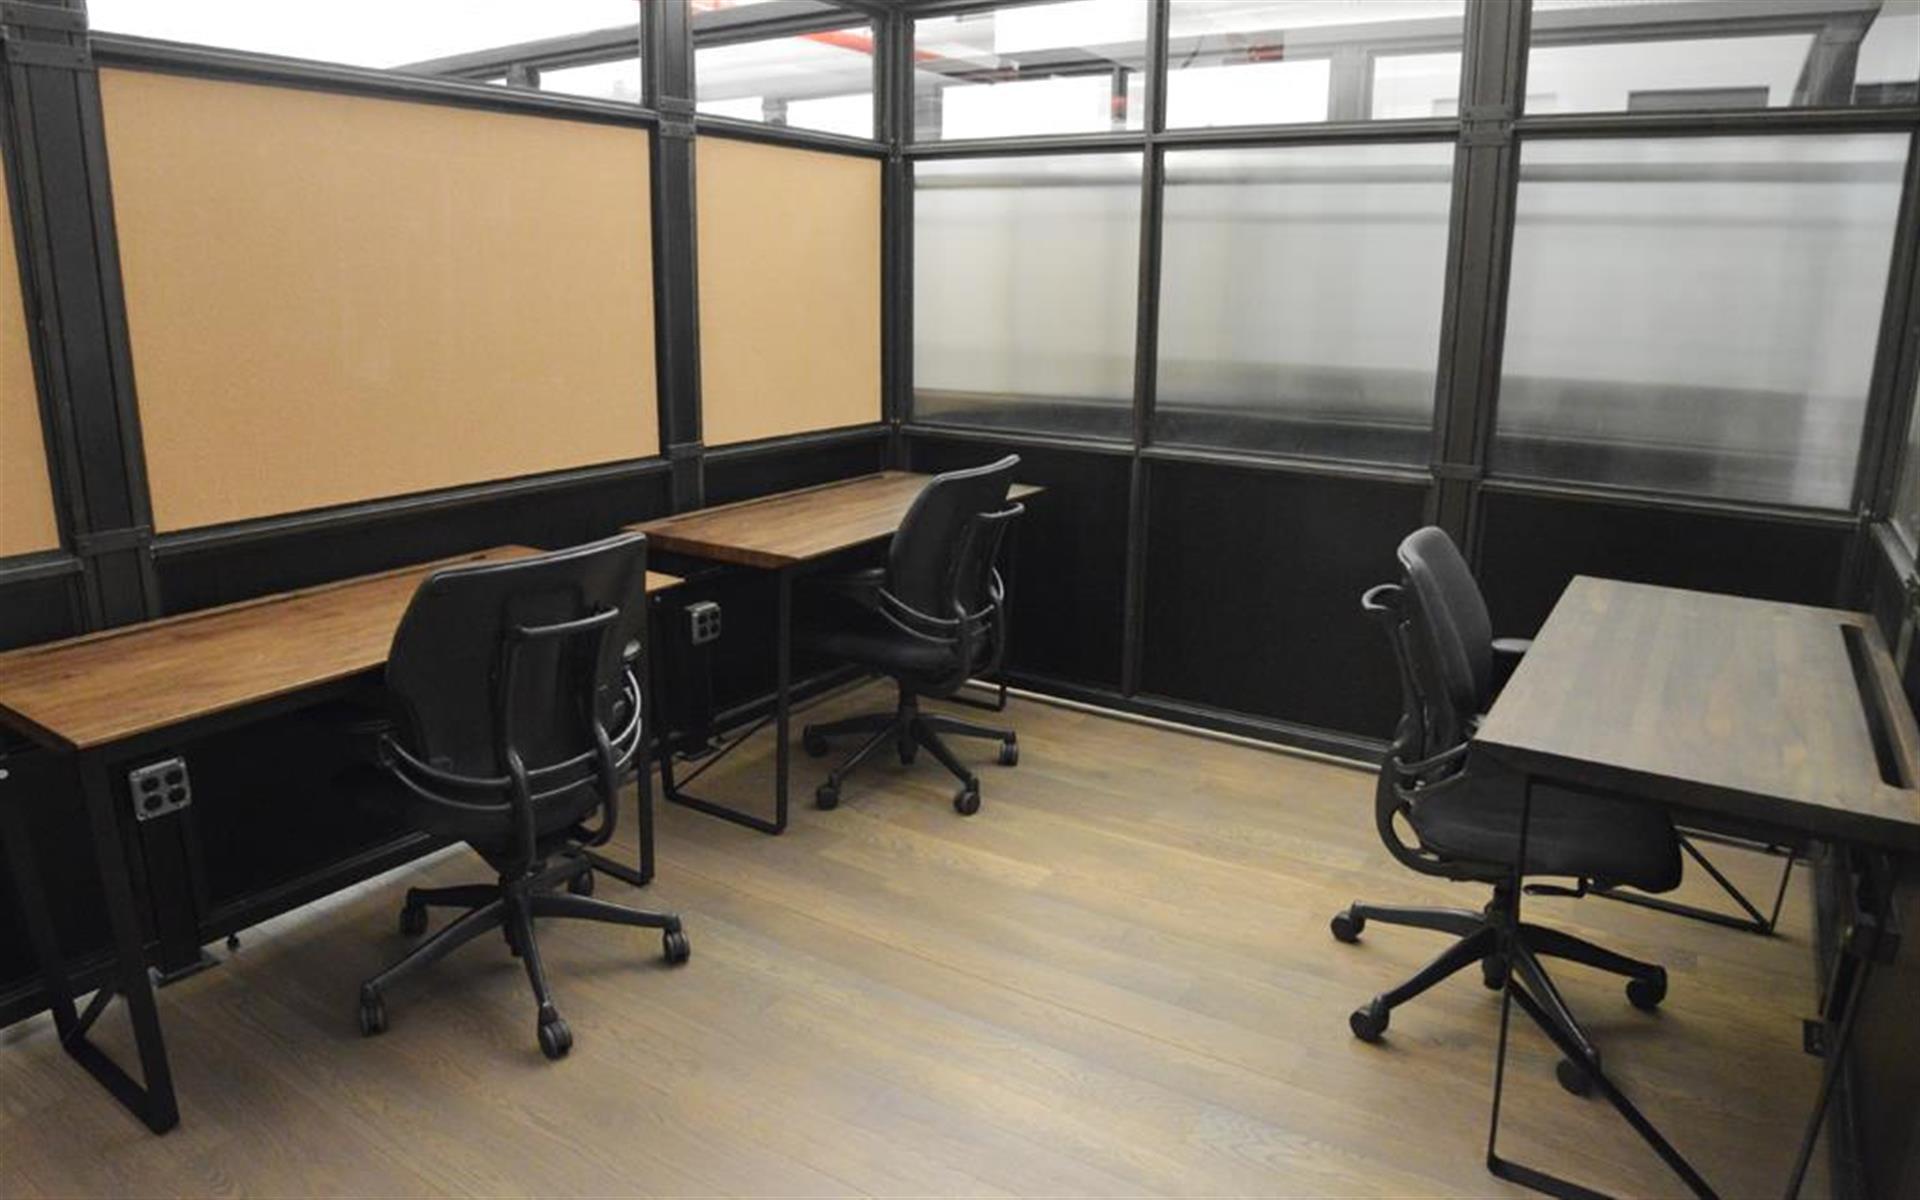 BLENDER WORKSPACE - 5 Desk Private Office